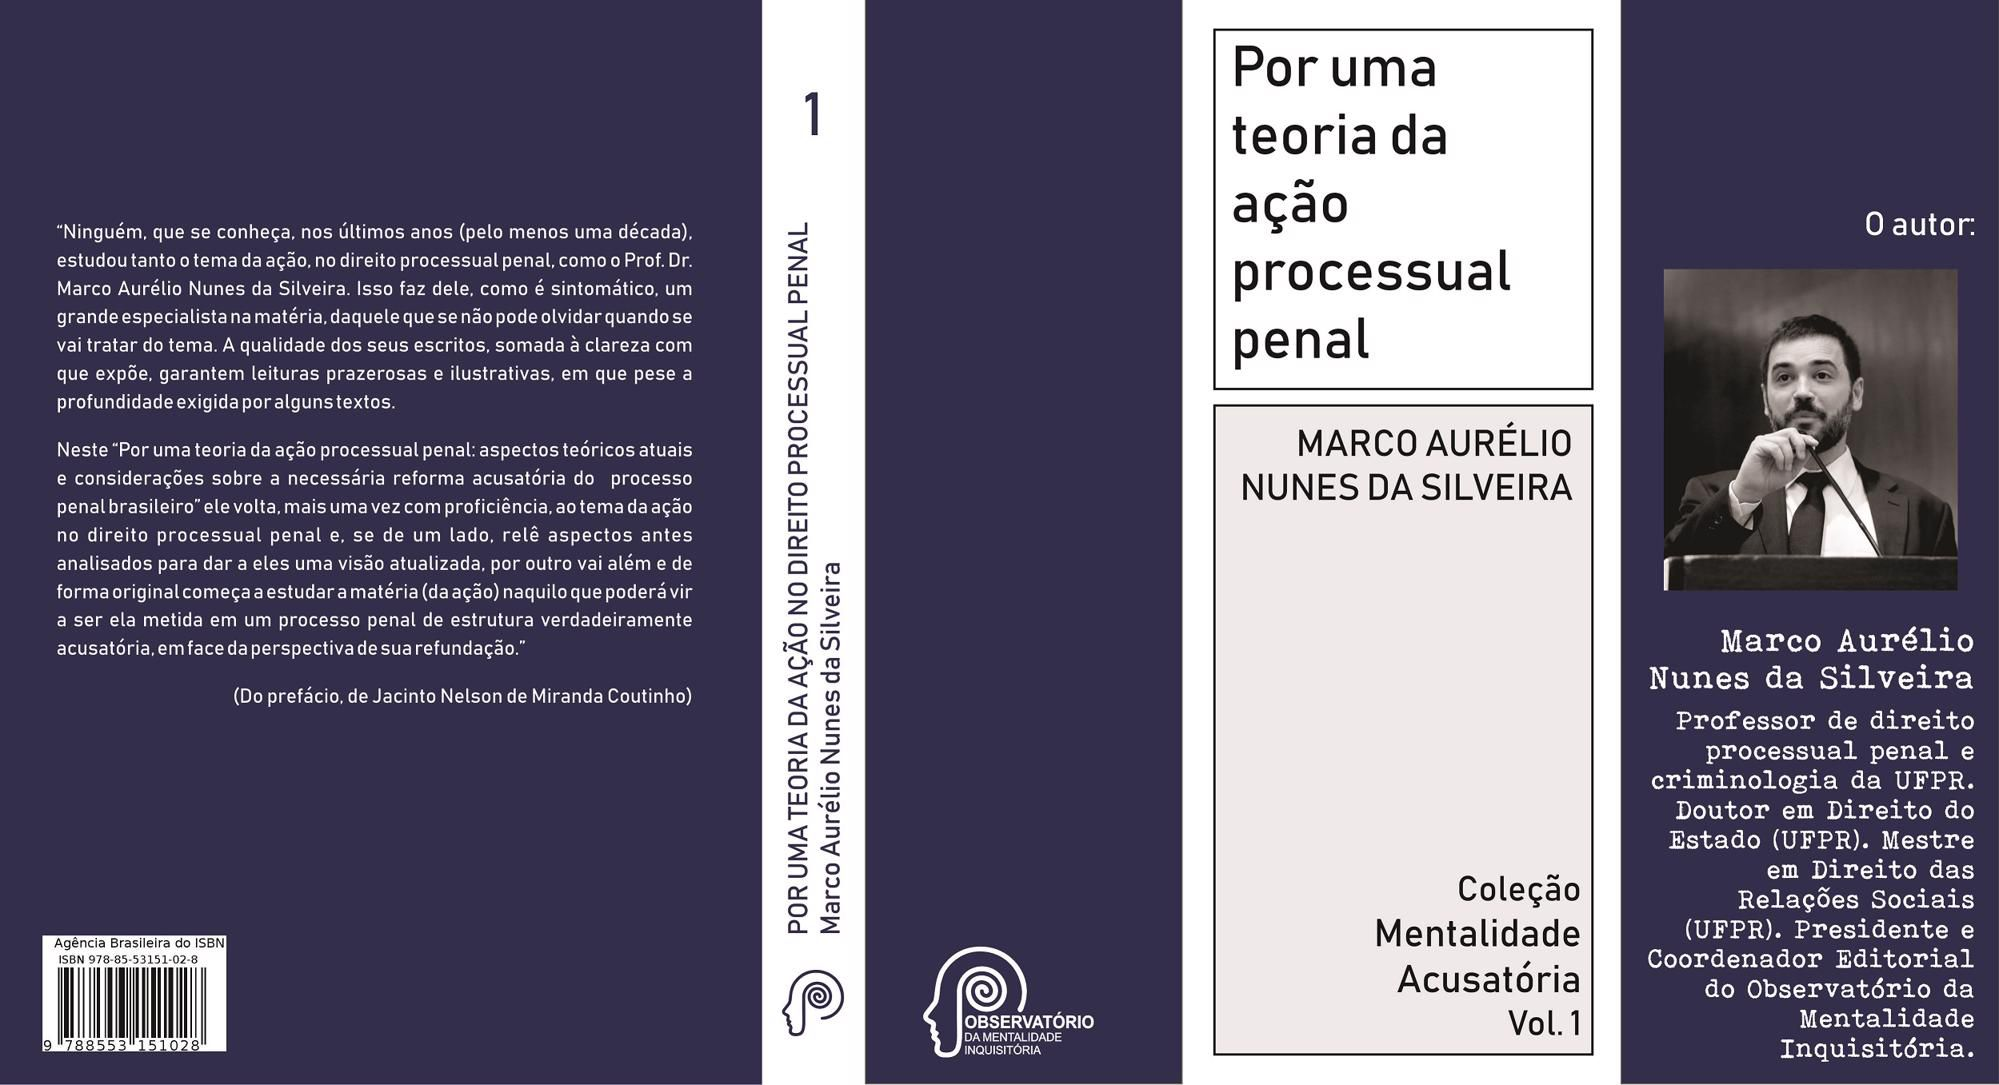 Por uma teoria da ação processual penal (Marco Aurélio Nunes da Silveira)